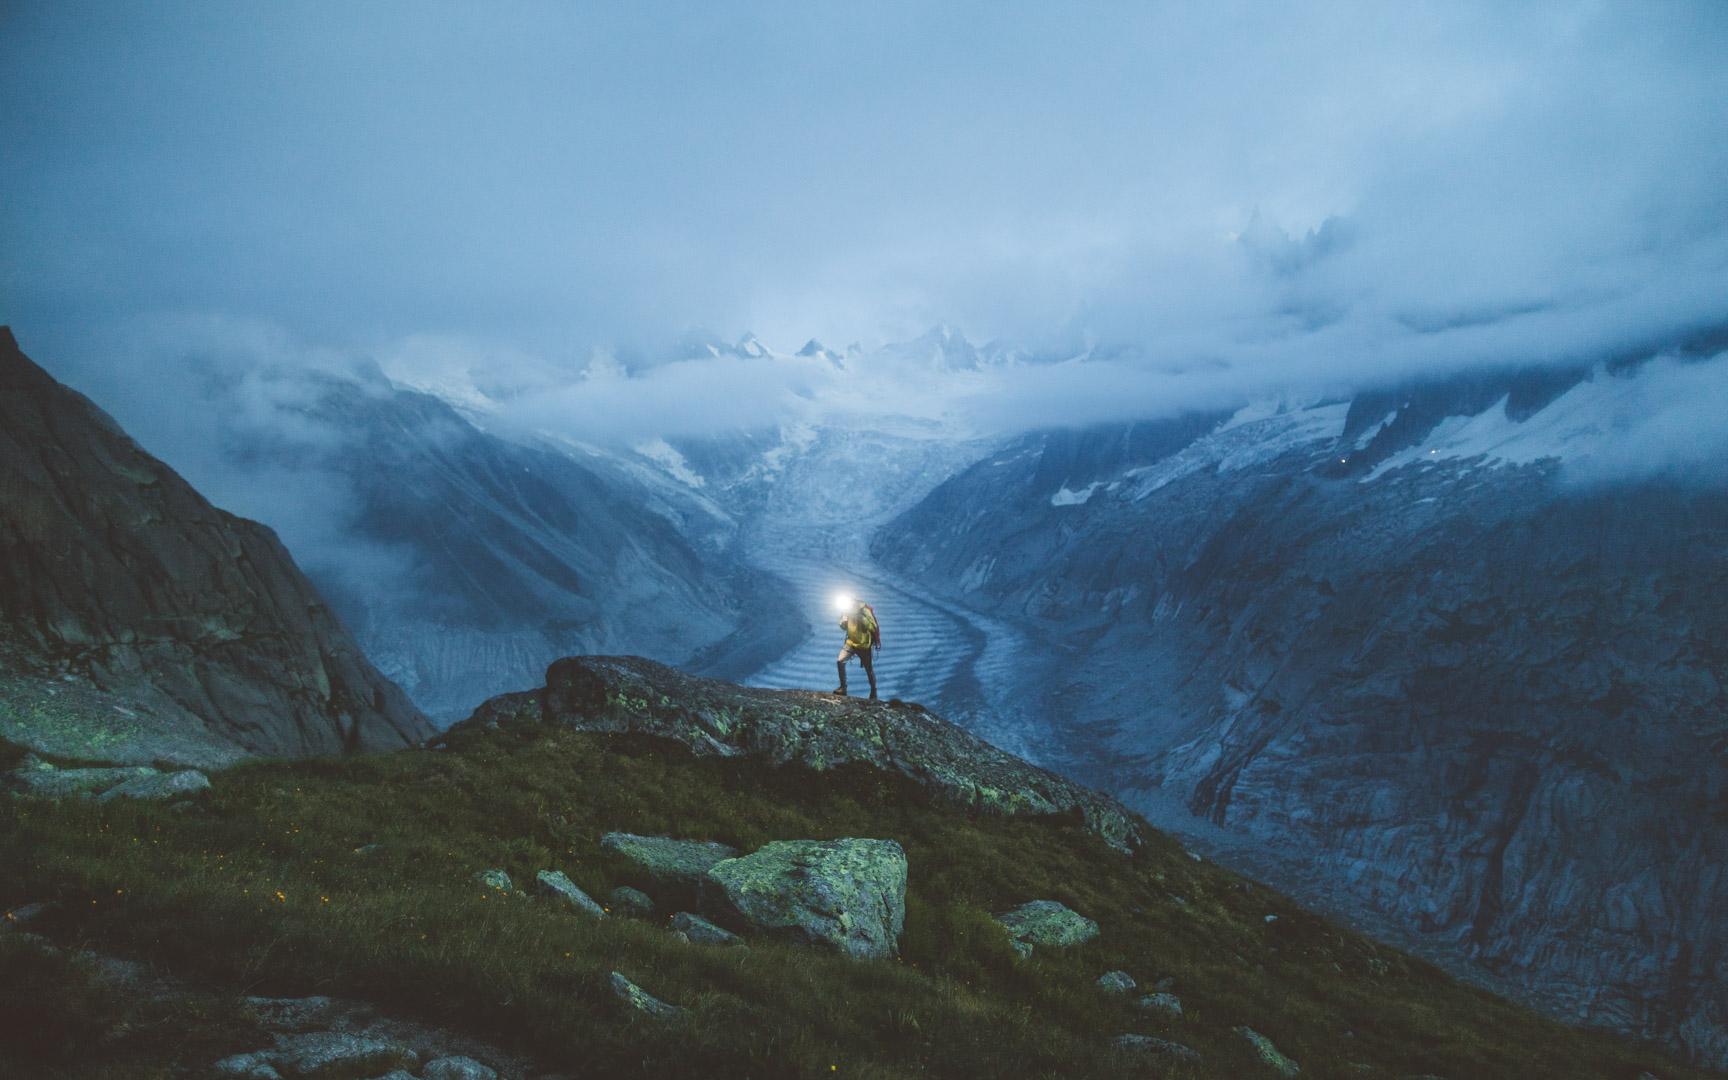 Arc'teryx - Alpine Academy 2019